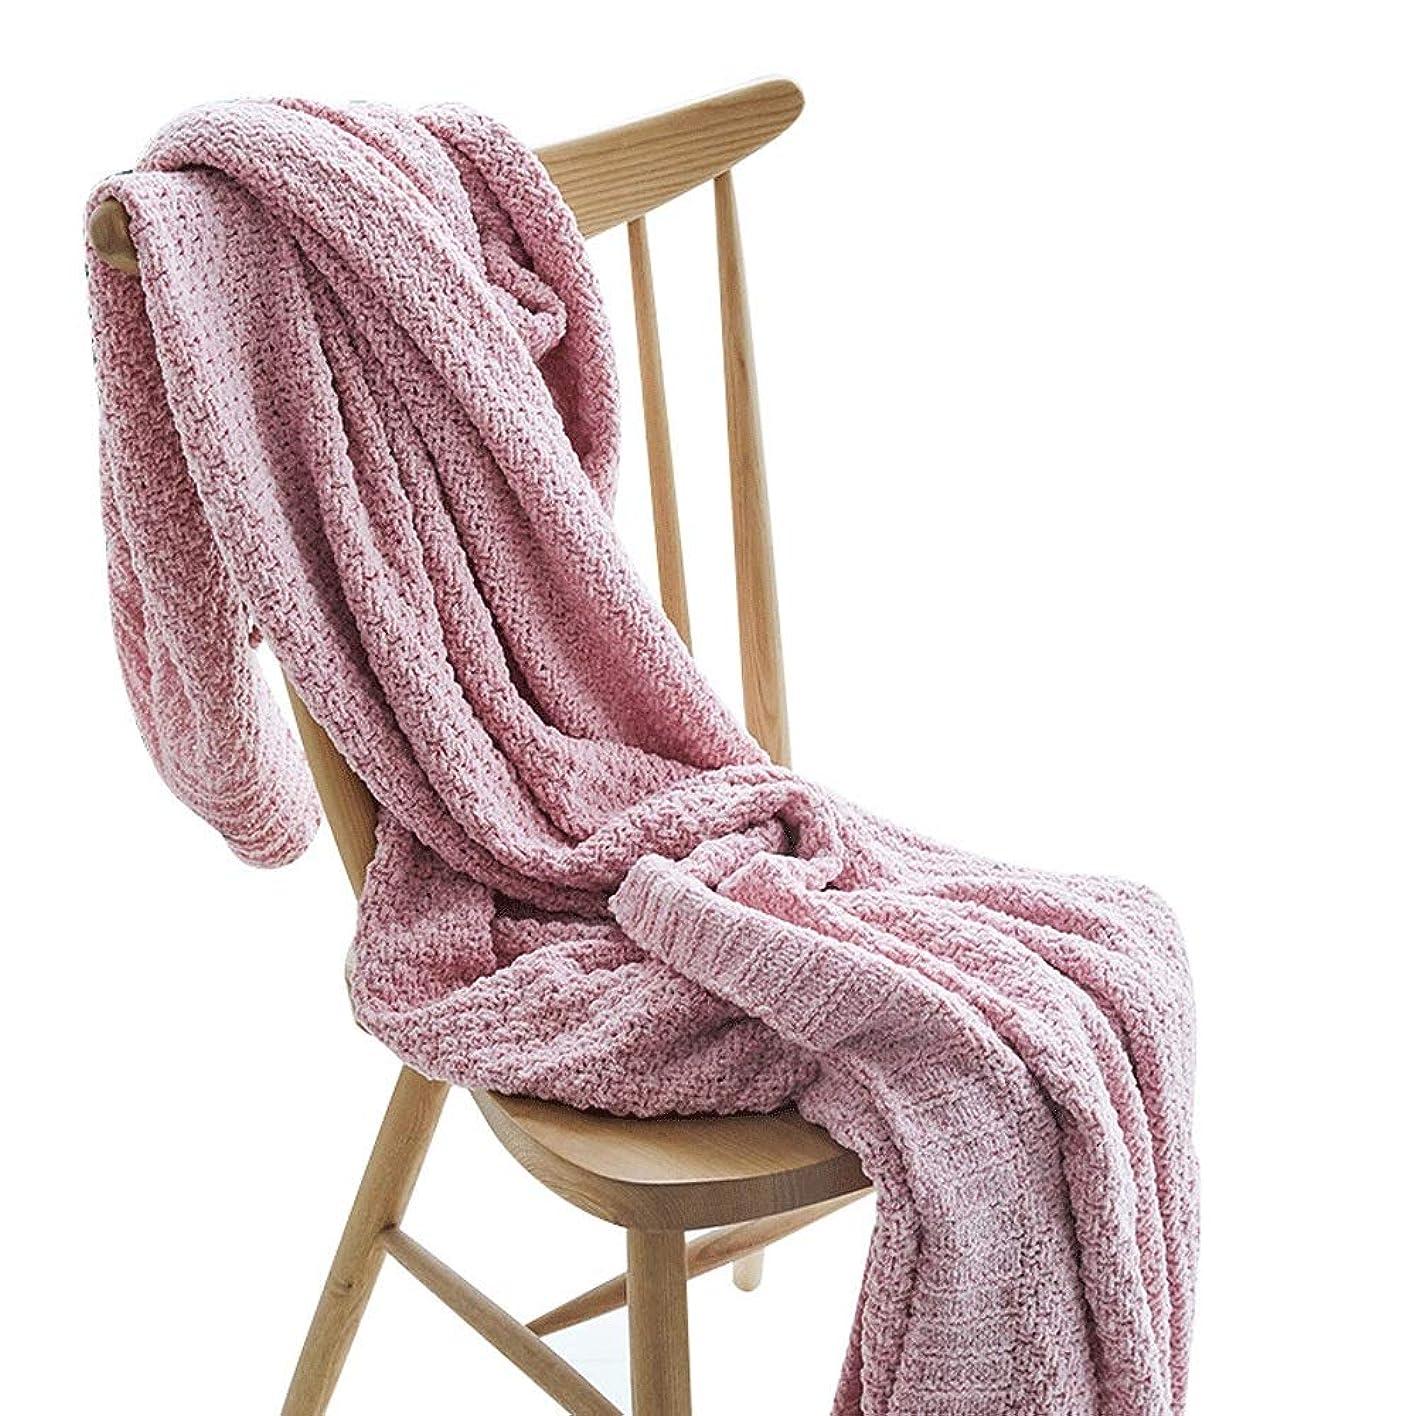 回転させる勧める誇りソフトカウチ毛布 カジュアルニットスロー毛布多機能レジャー毛布昼寝毛布ソファ毛布 ルームベッドルームビーチトラベル (Color : Red, Size : 130cmx180cm)